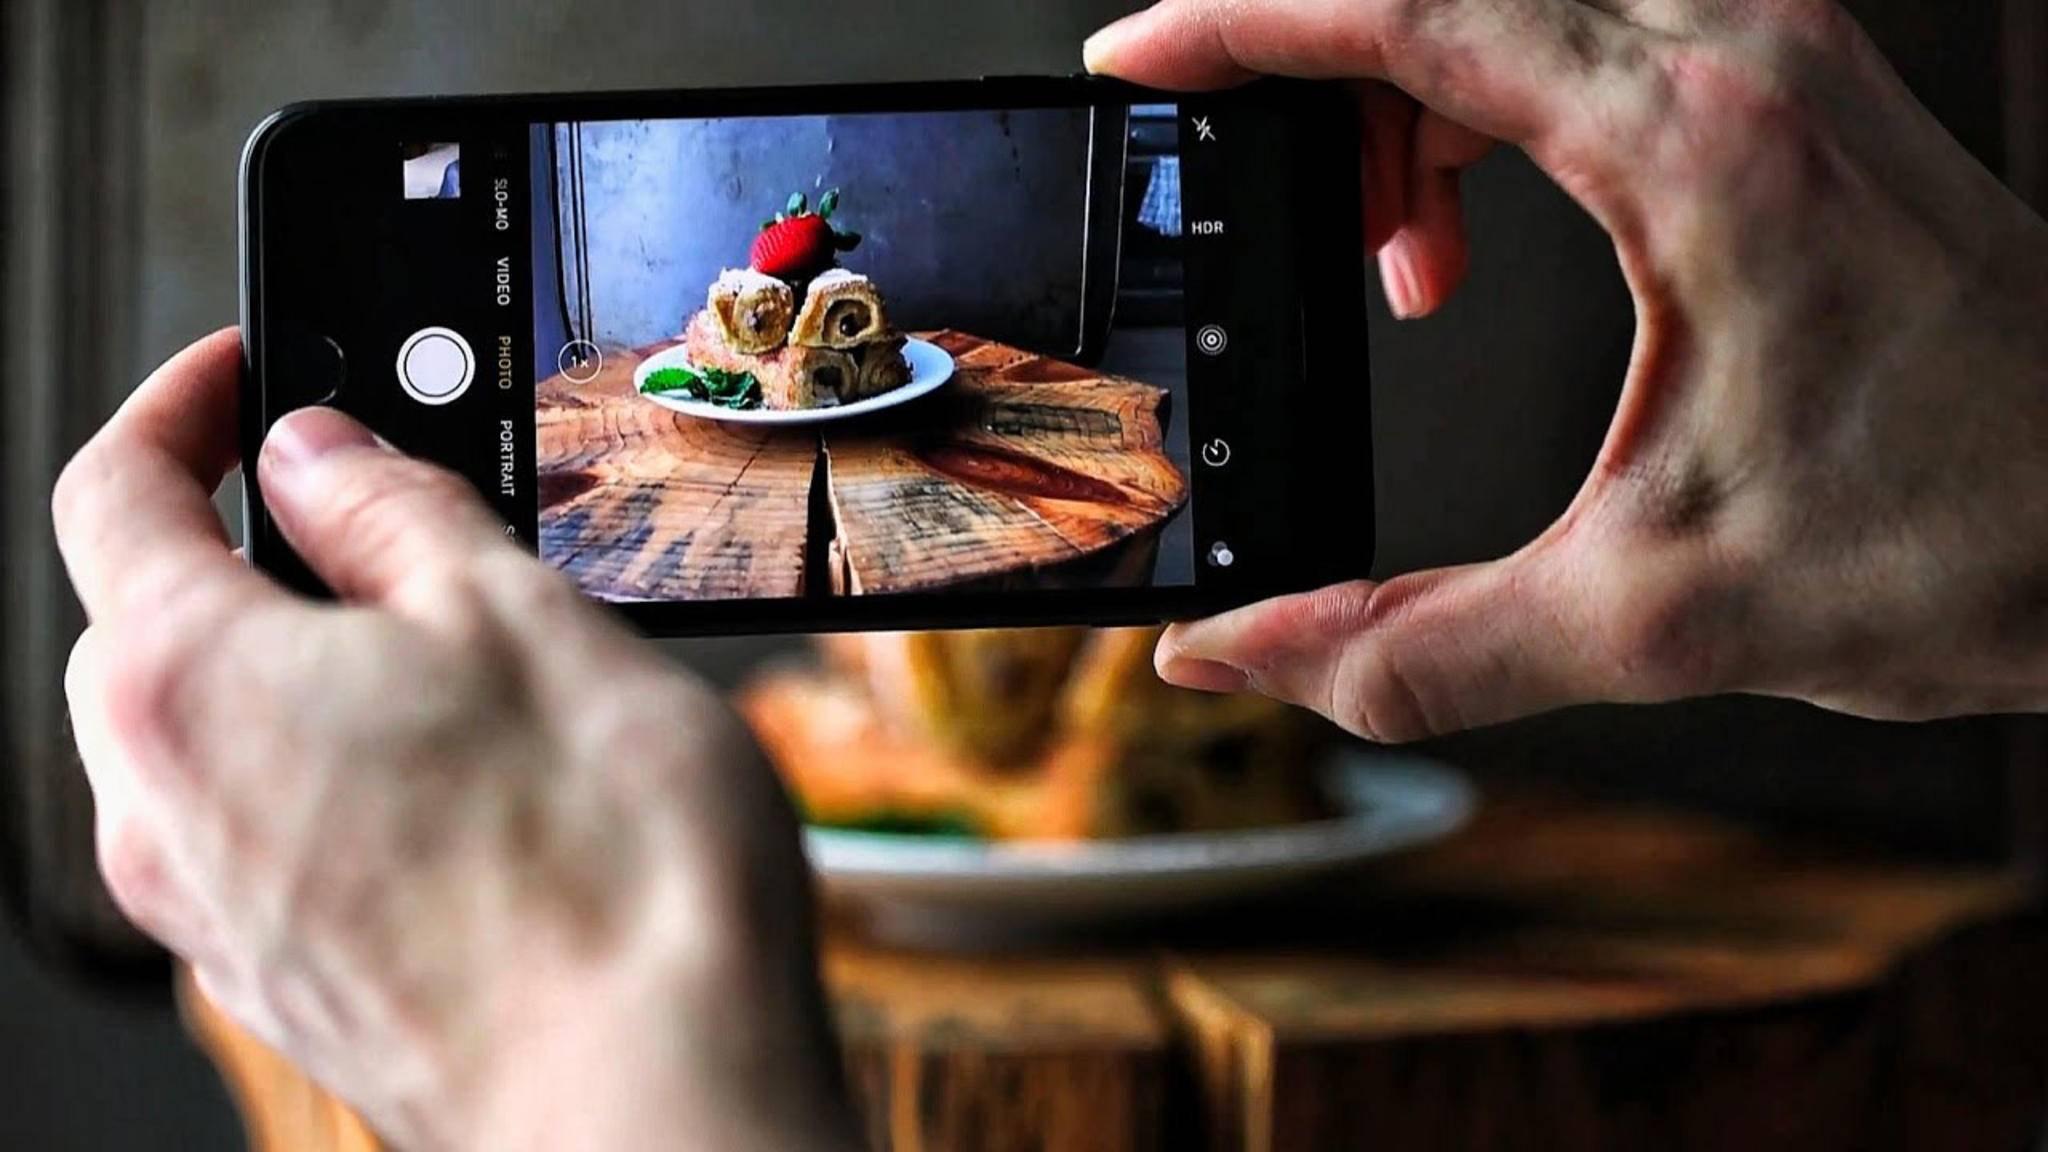 iPhones mit iOS 11 werden dank HEIF anstelle von JPEG die doppelte Anzahl an Bildern speichern können.